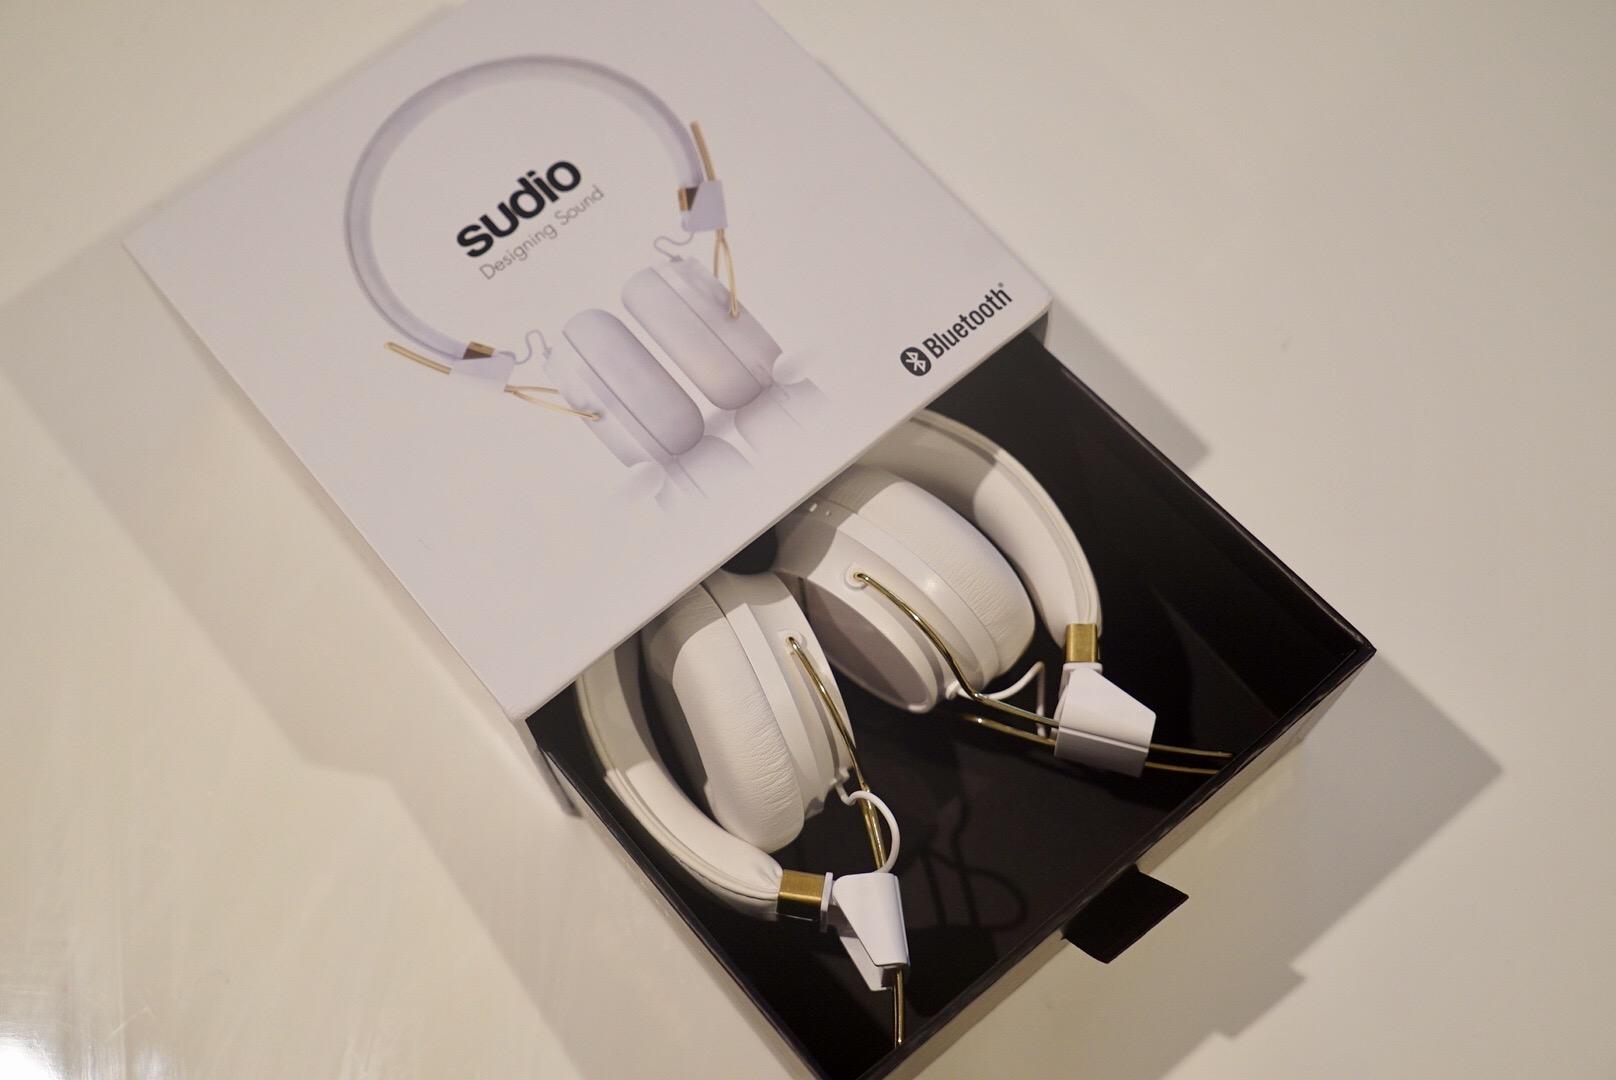 【まとめ】北欧生まれのBluetoothヘッドフォン「Sudio(スーディオ) REGENT 」がついに登場!